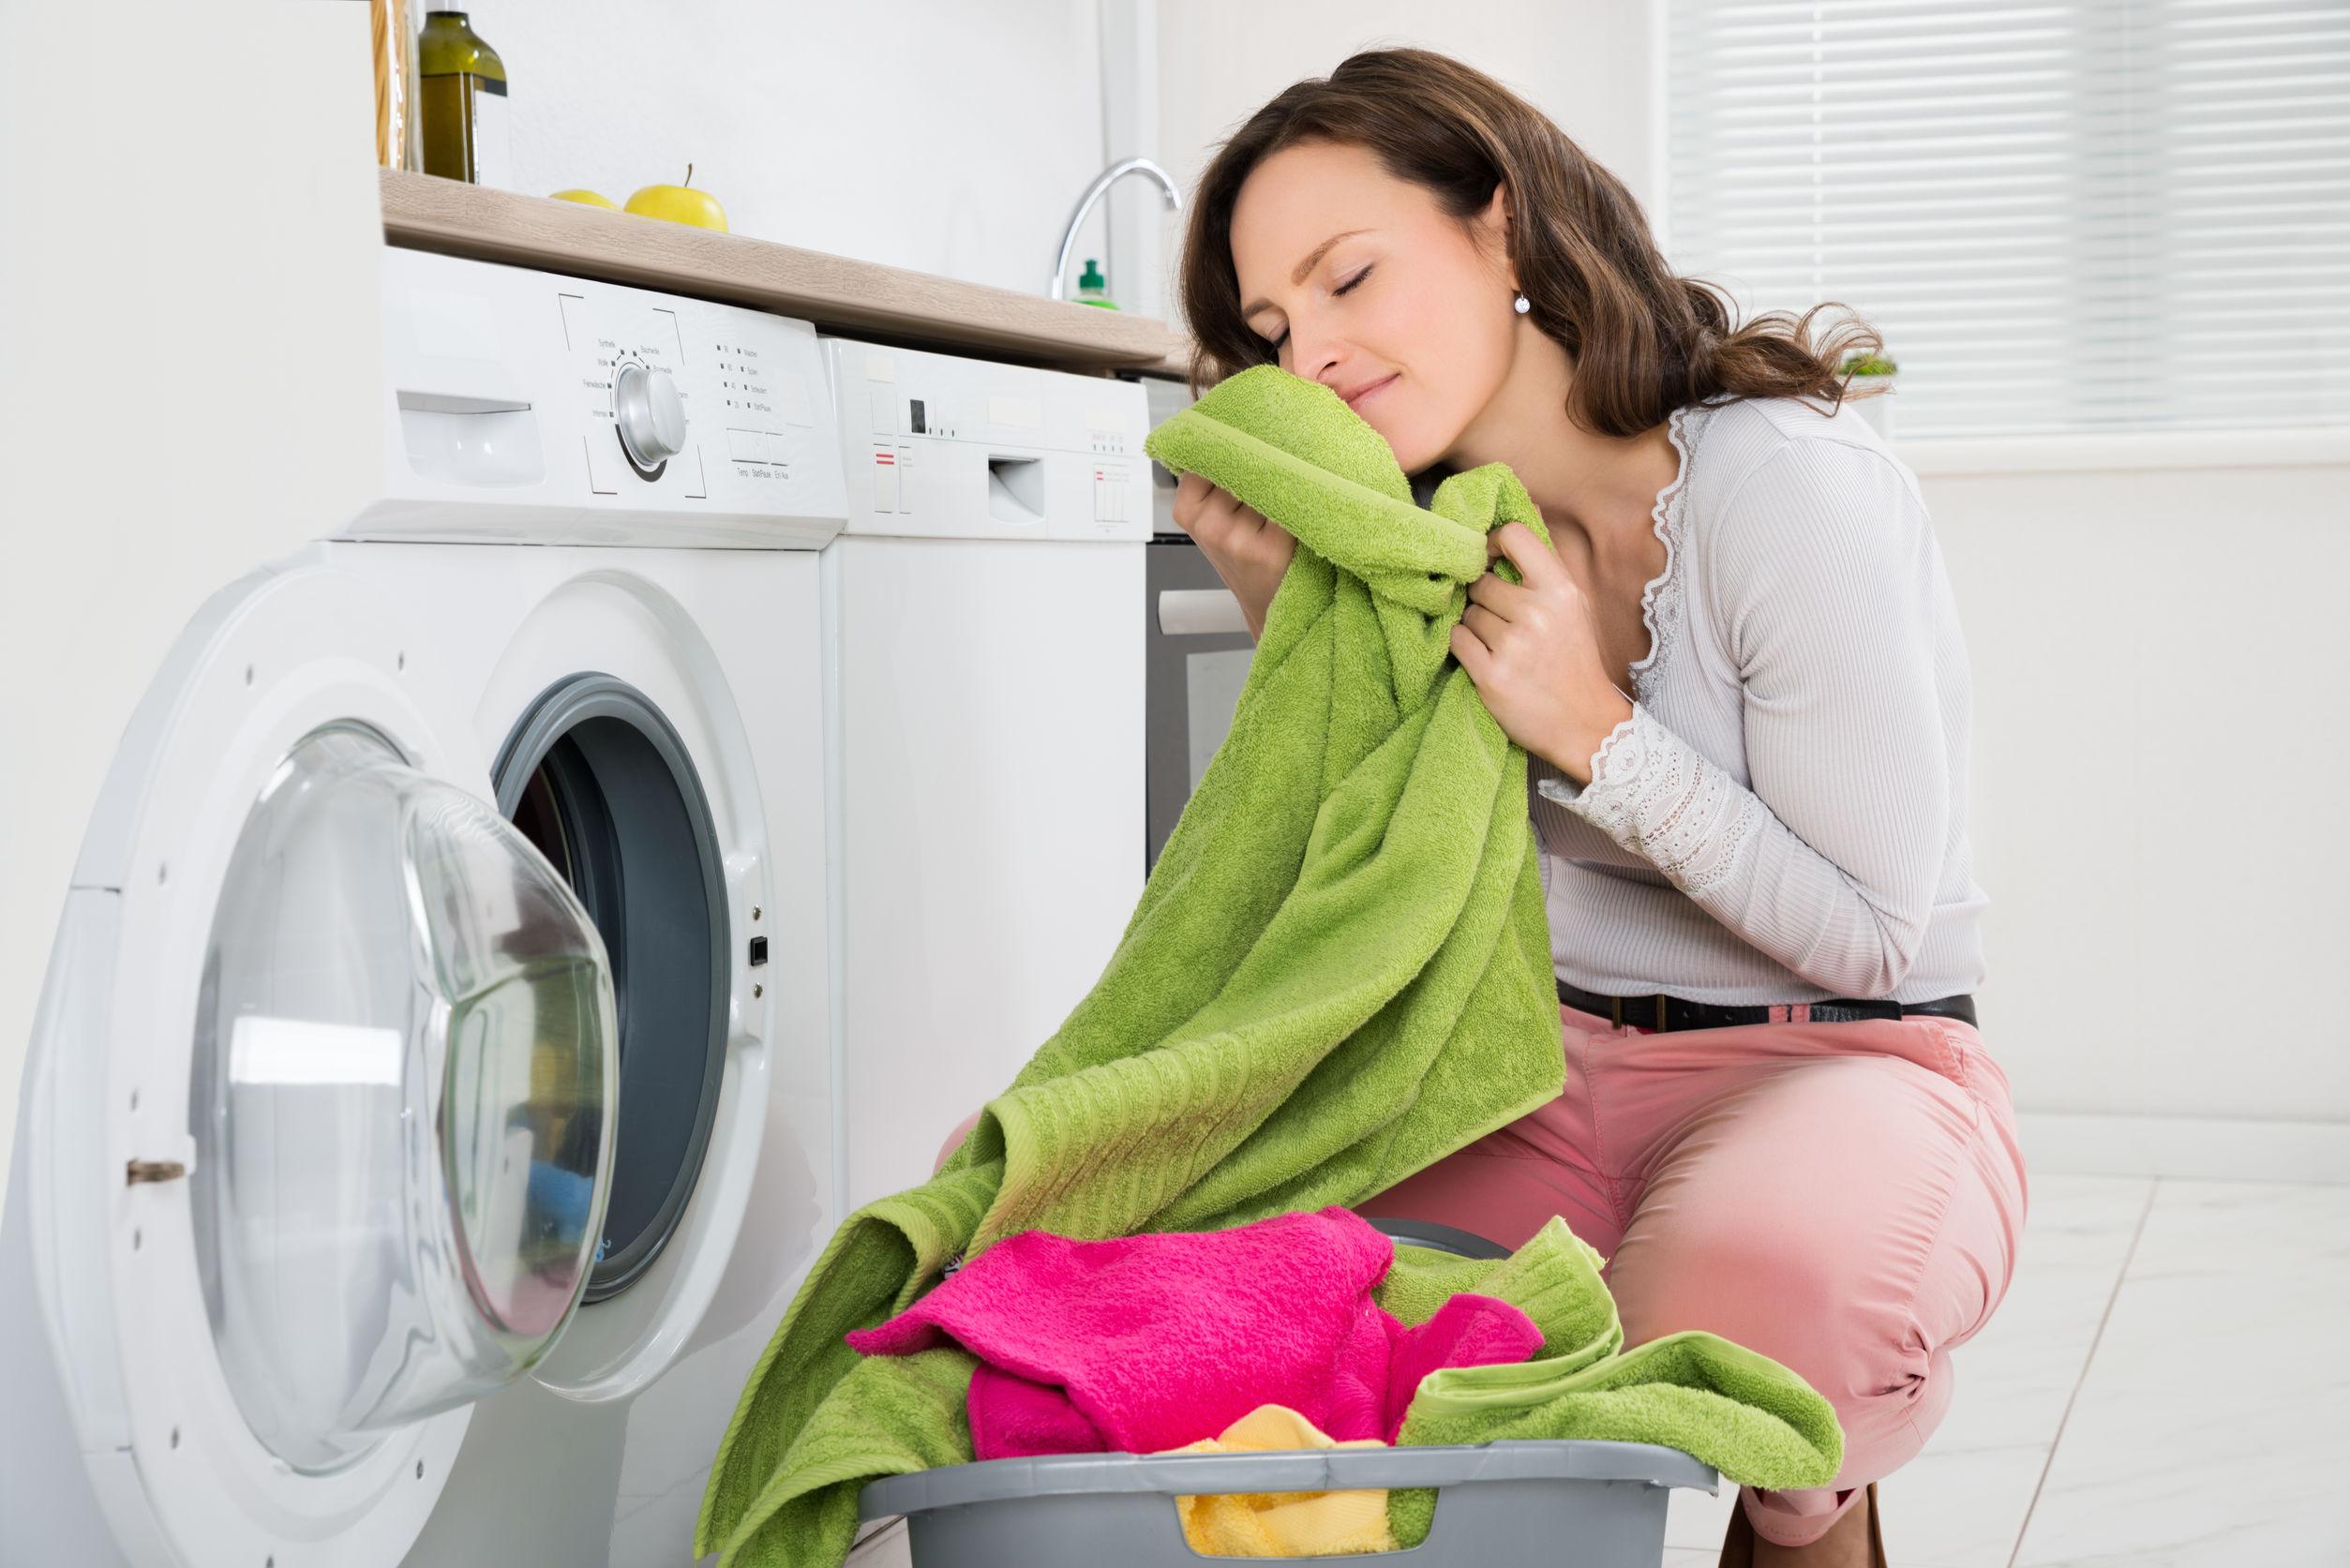 Mujer con ropa cerca de la secadora